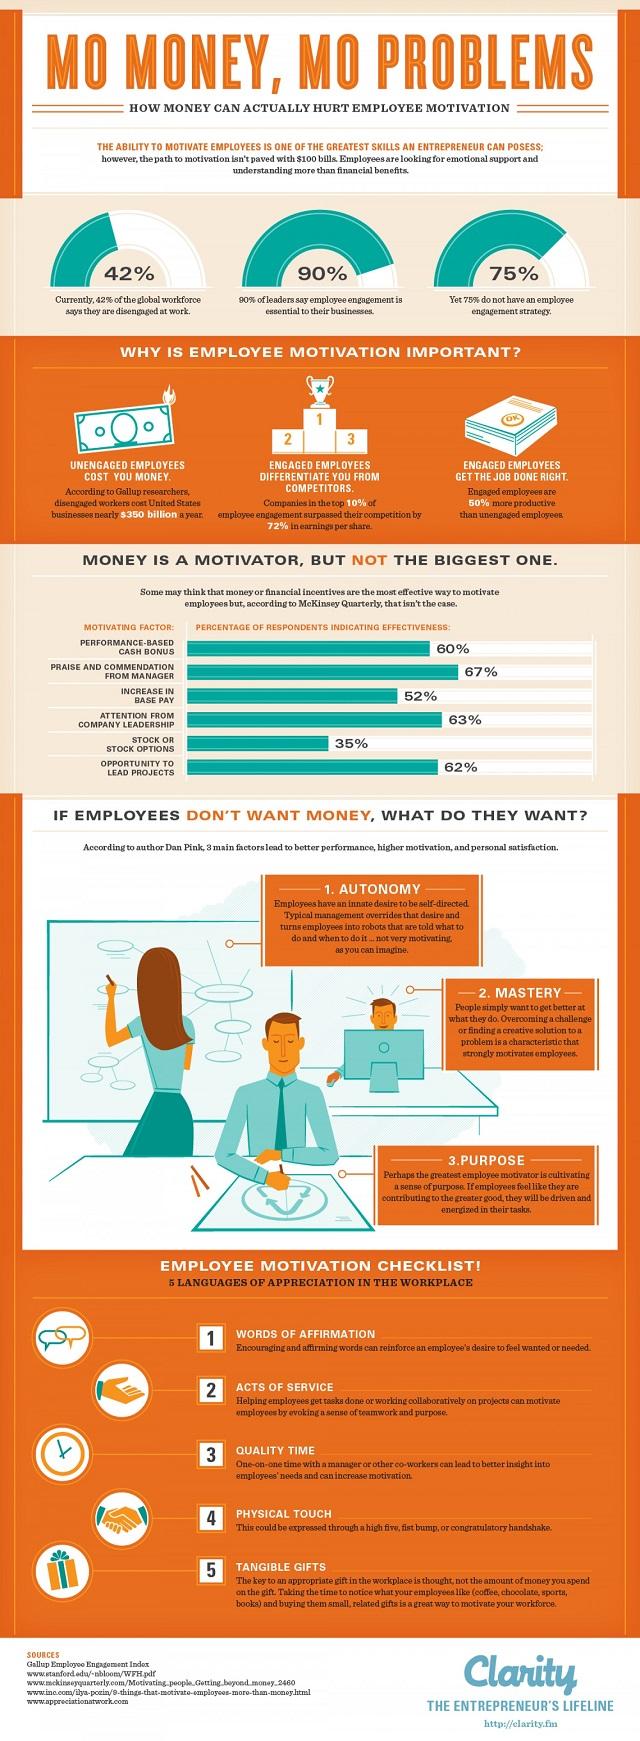 Mitarbeitermotivation, Mitarbeiterbindung, steigender Fachkräftebedarf